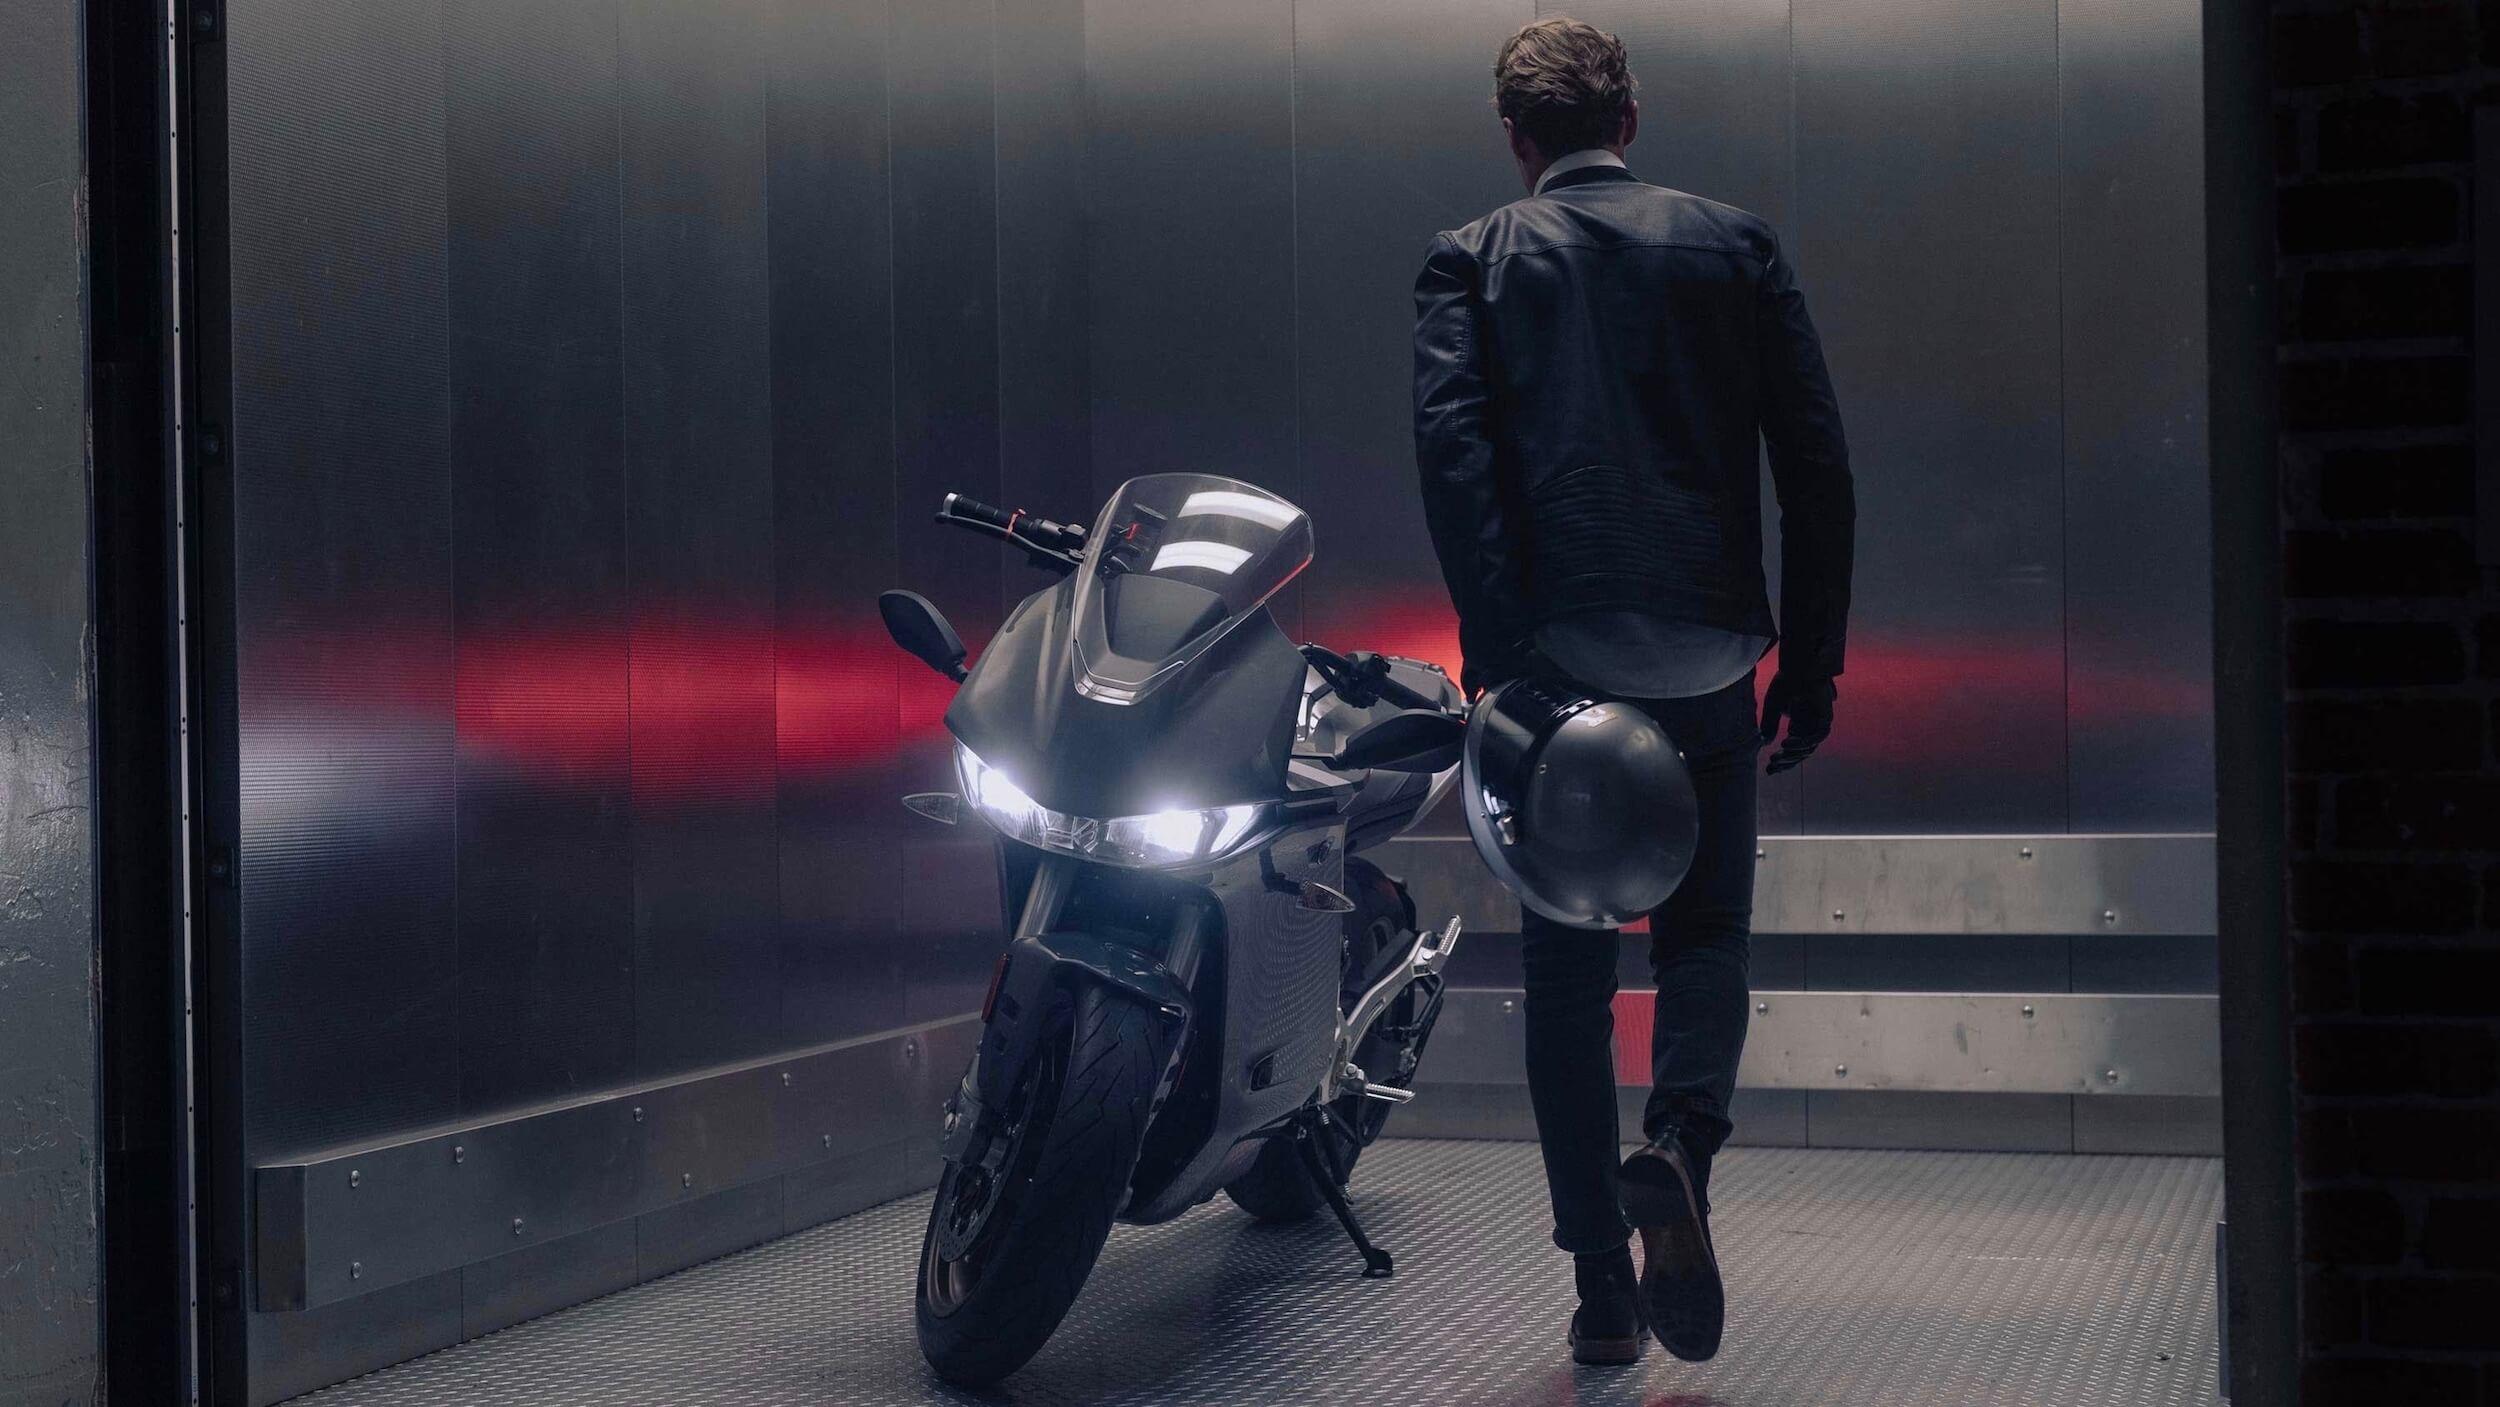 2020 Zero SR-S elektrische motorfiets